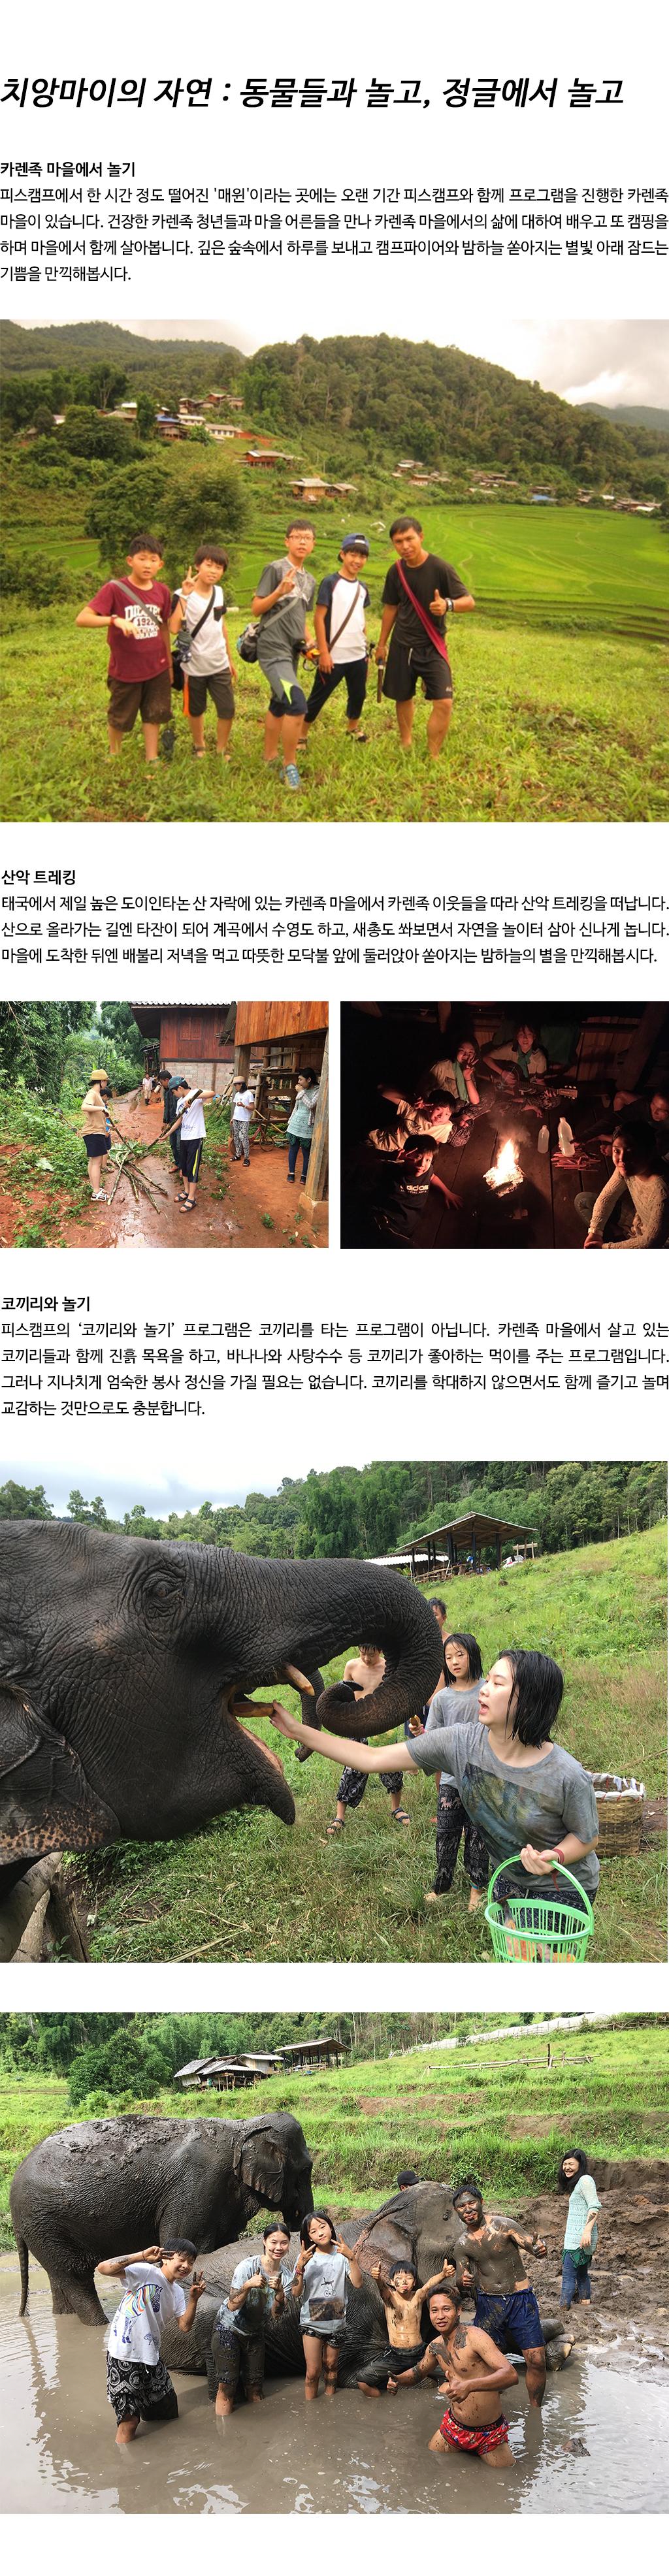 방학캠프 상세안내 #4 카렌마을.jpg